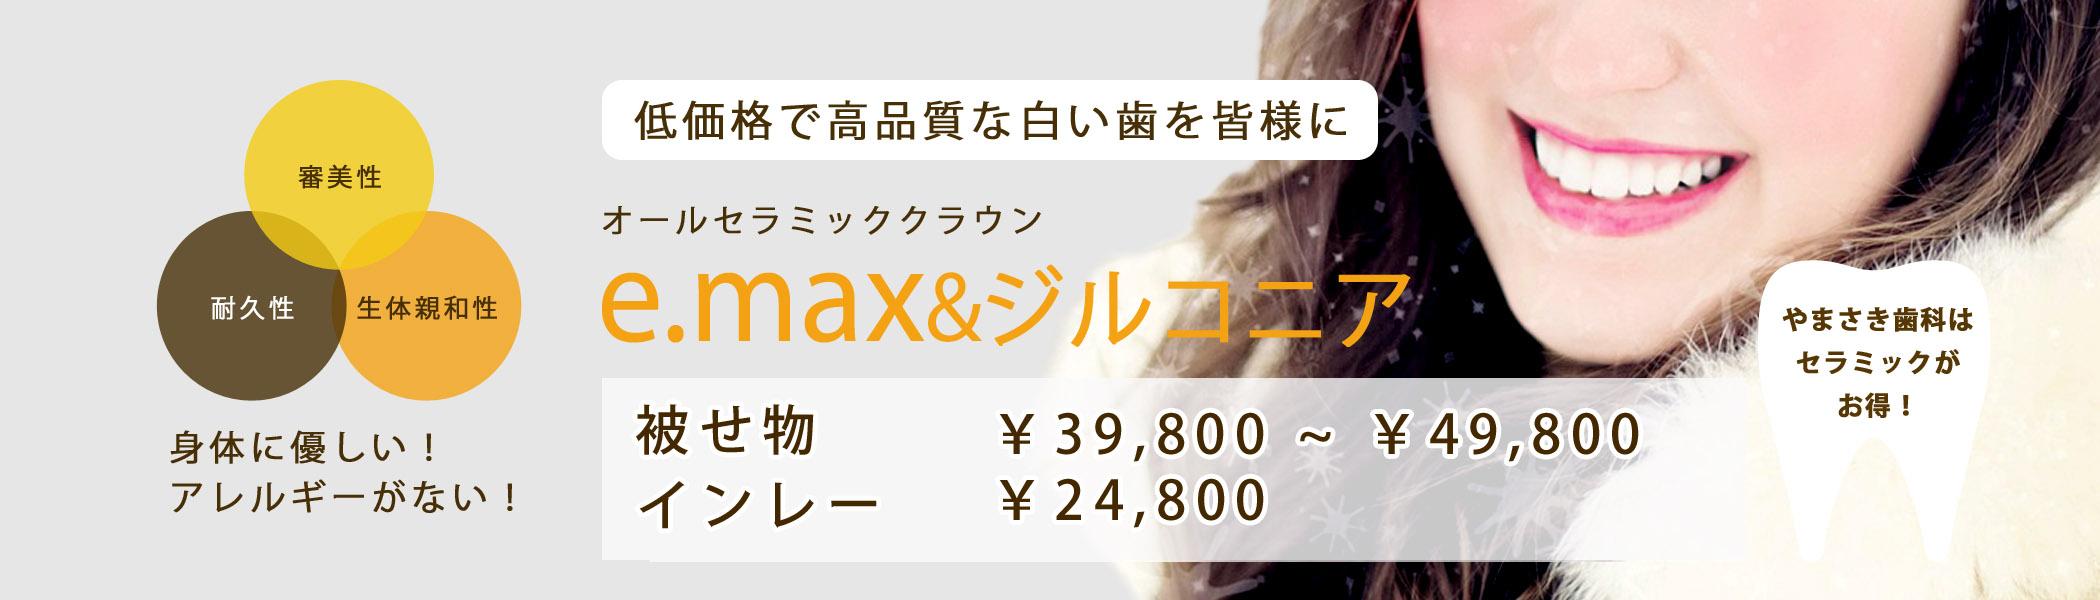 オールセラミッククラウン e.max